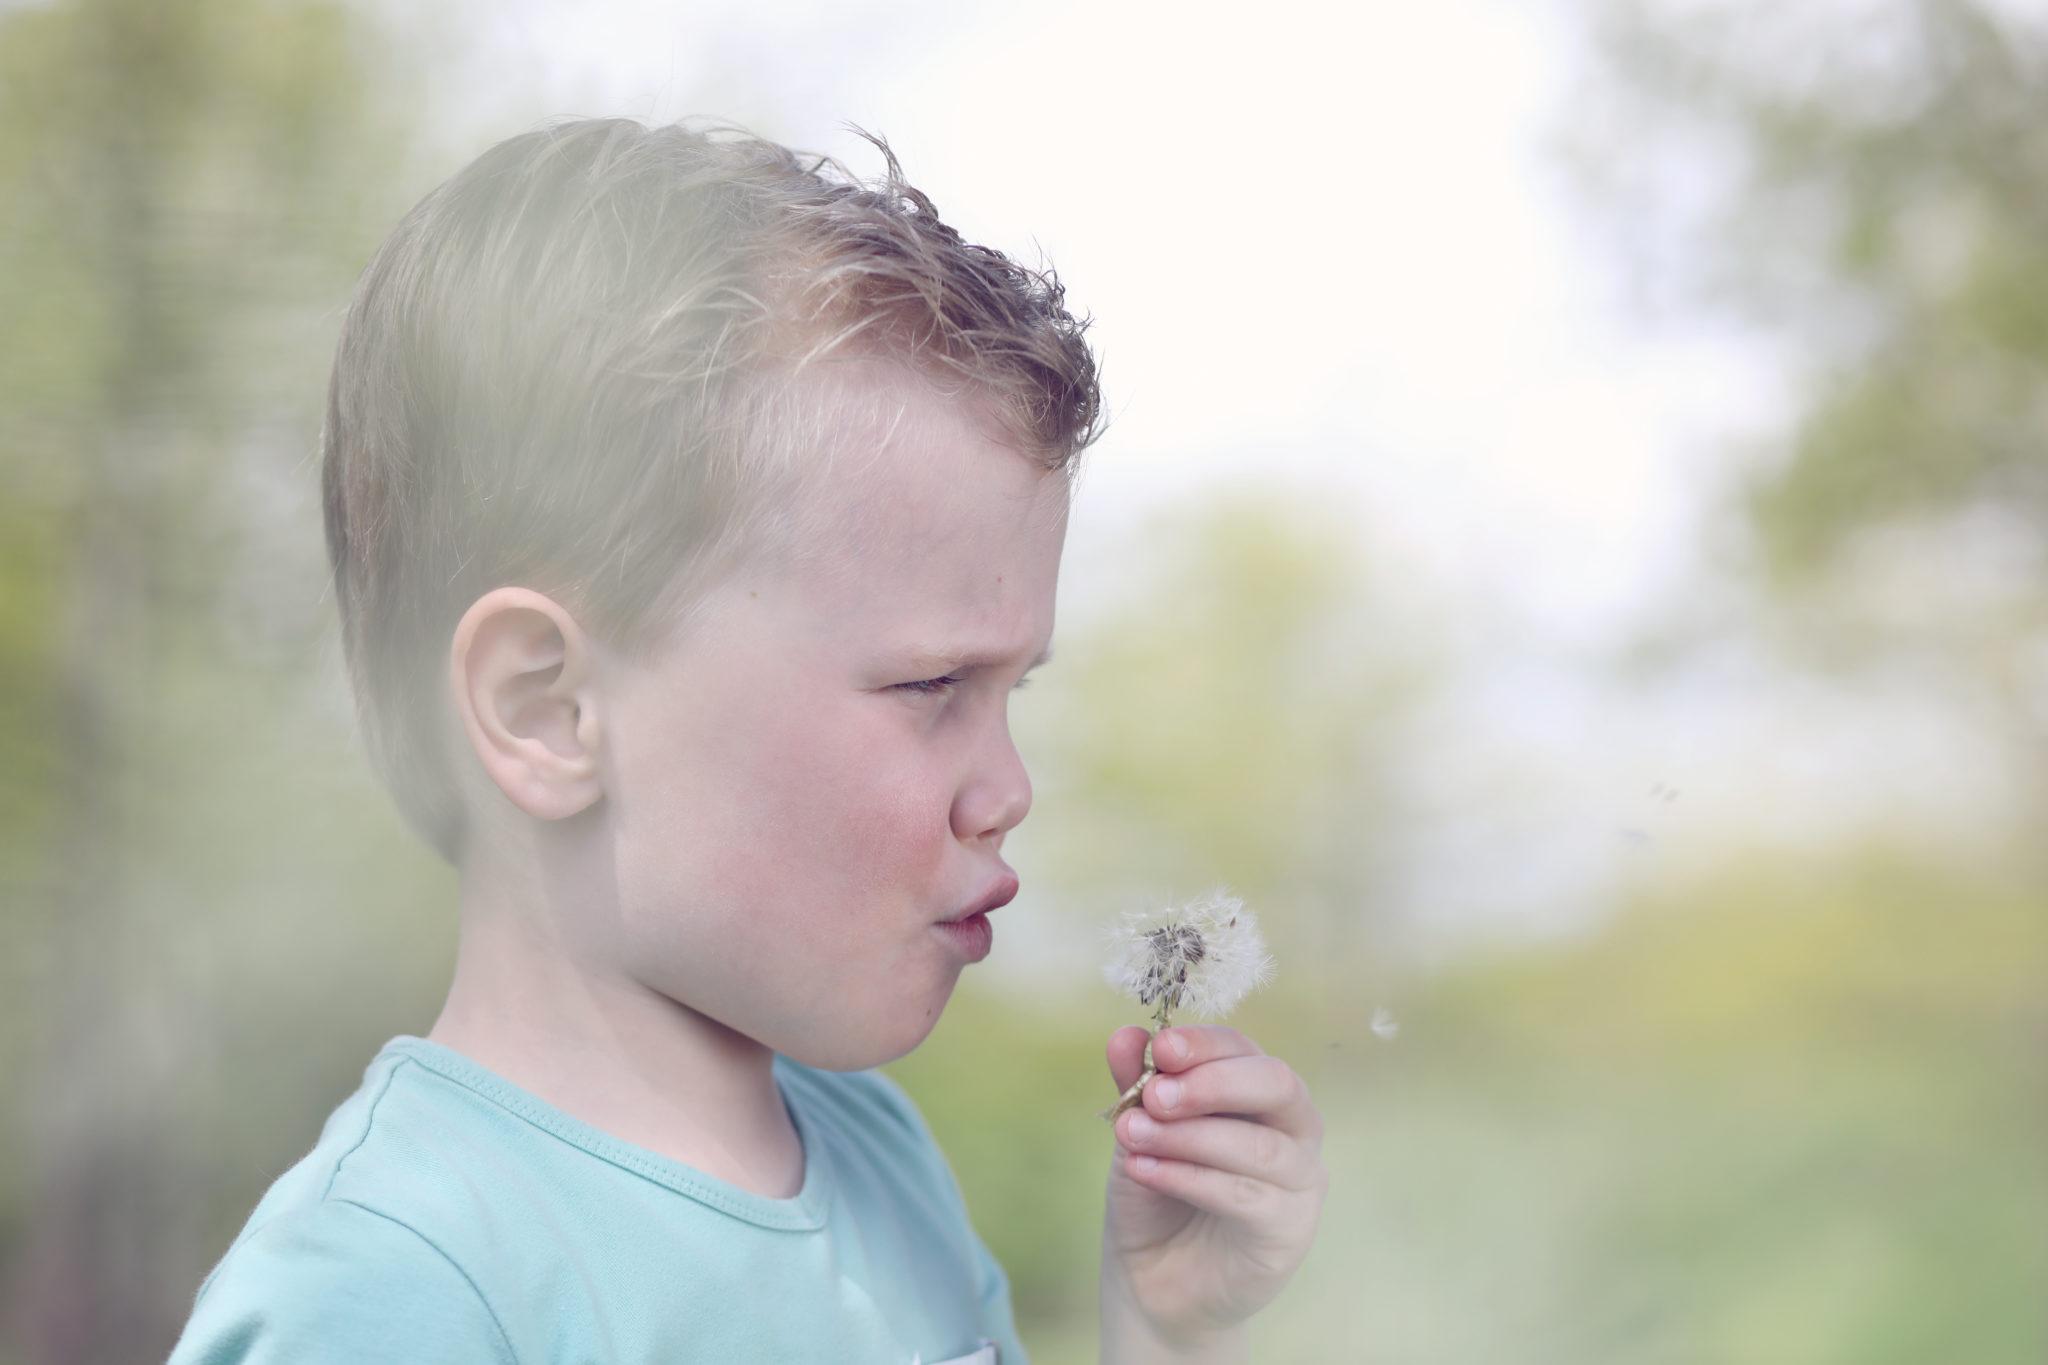 Familie - Kids - Kinderfotografie - Spontaan - Buiten - Lifestyle - Actie - Shoot - Reportage - Suus' FotoSjop - Oldenzaal - Kwaliteit - Twente - Hengelo - Enschede - Haaksbergen